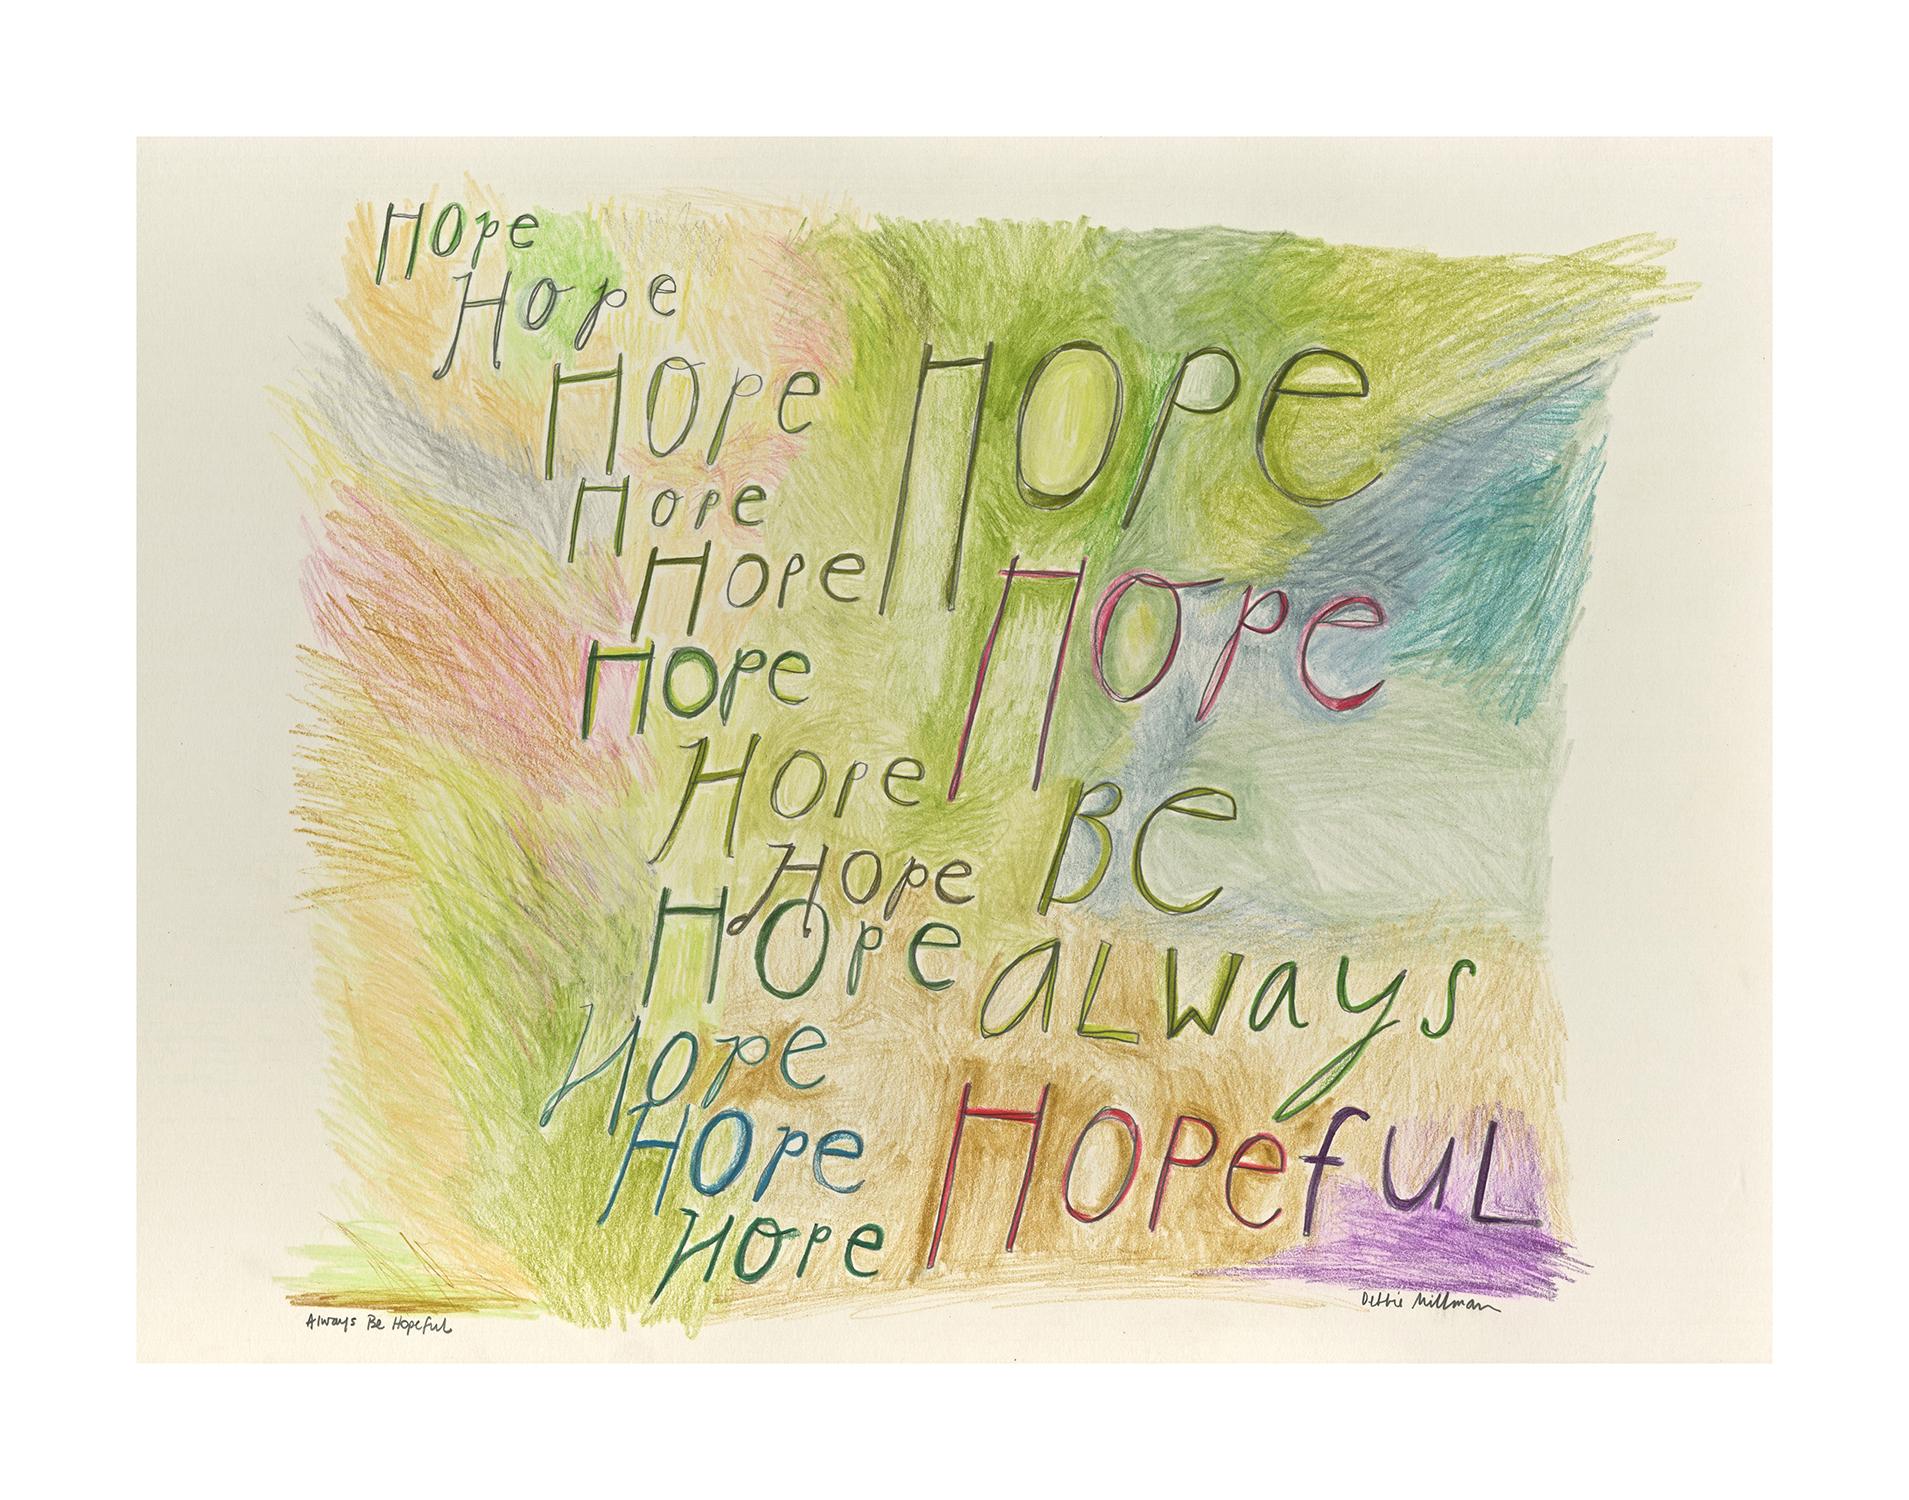 'Hope' by Debbie Millman